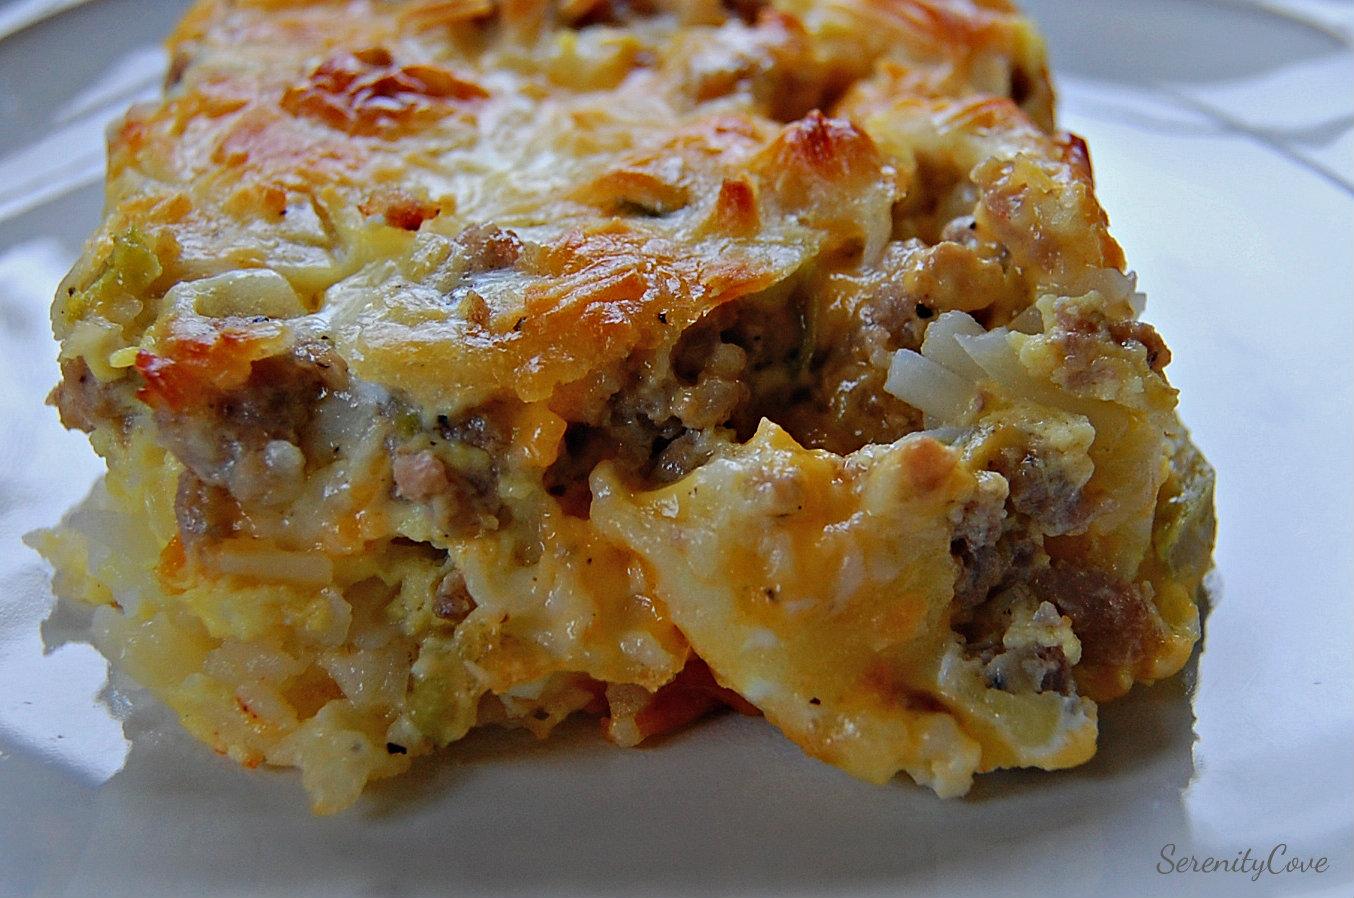 ... casserole cheesy potato breakfast casserole as you like it breakfast